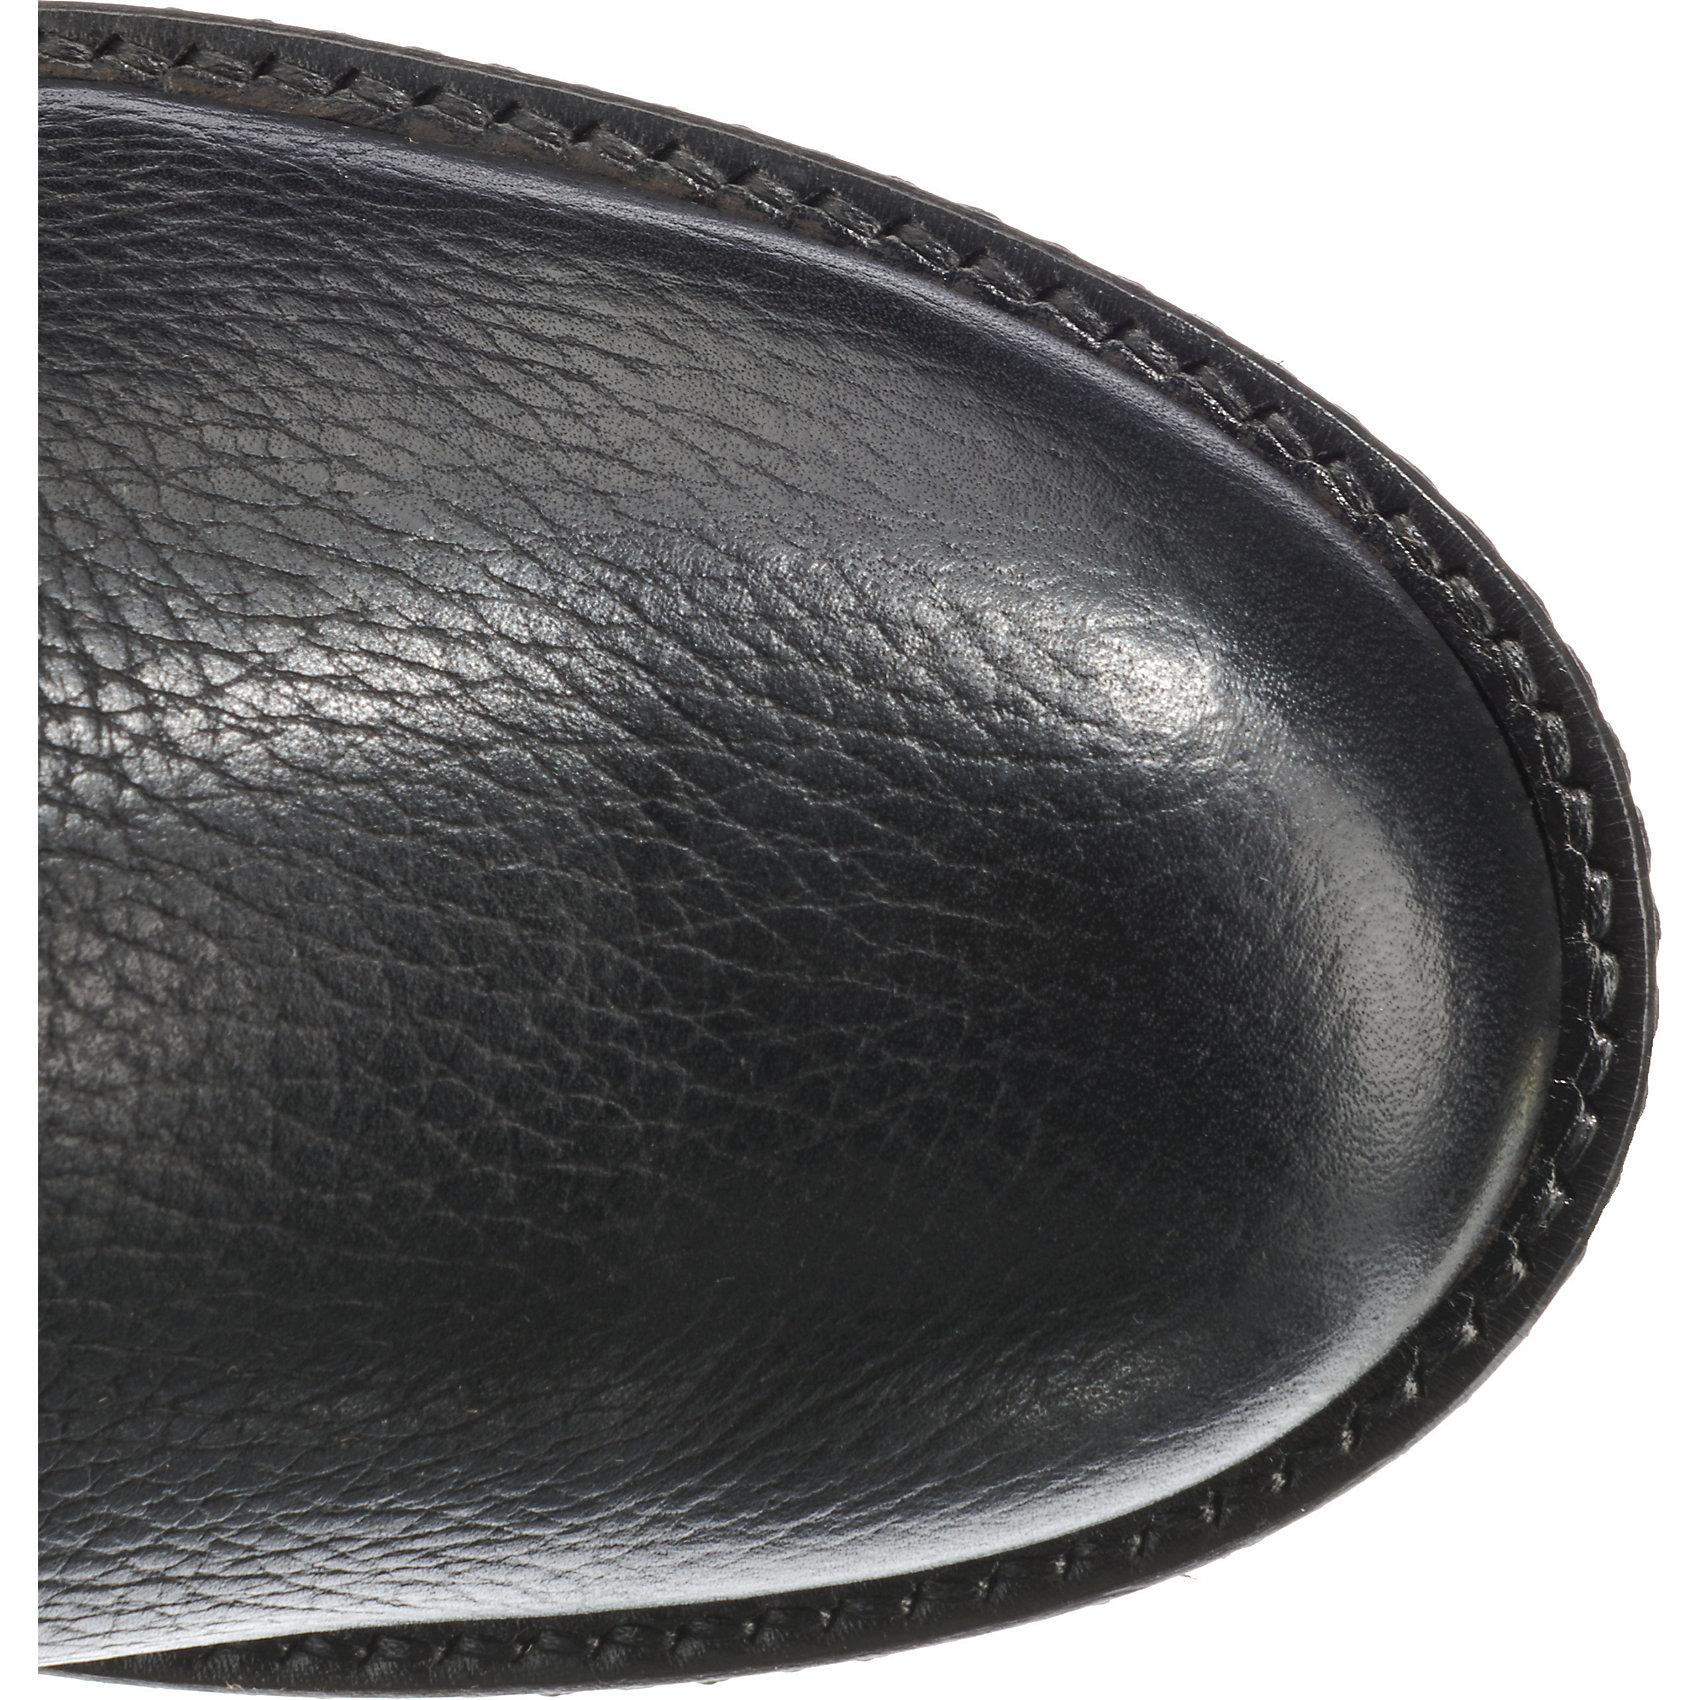 Neu BULLBOXER Winterstiefel 8807859 für für für Damen schwarz cognac 4f971a